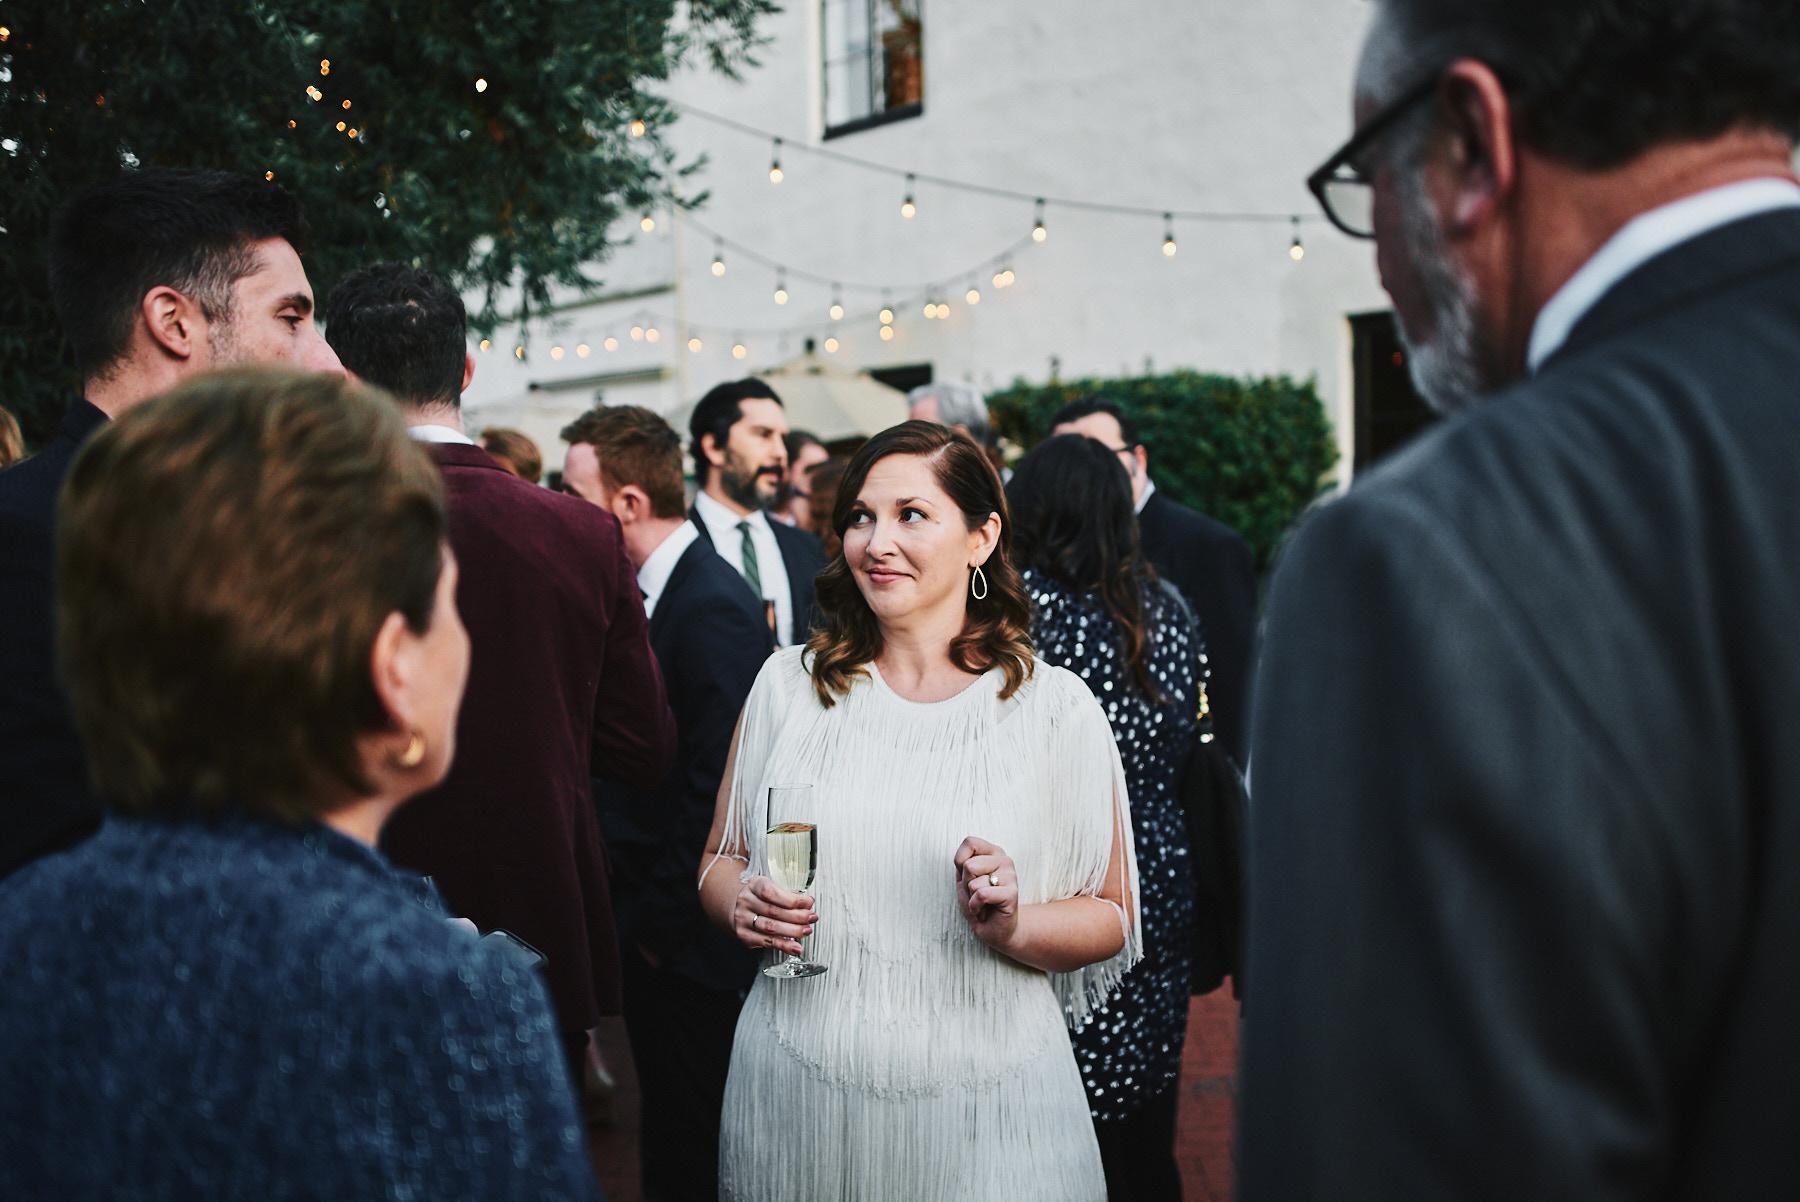 Riviera Mansion wedding cocktail hour